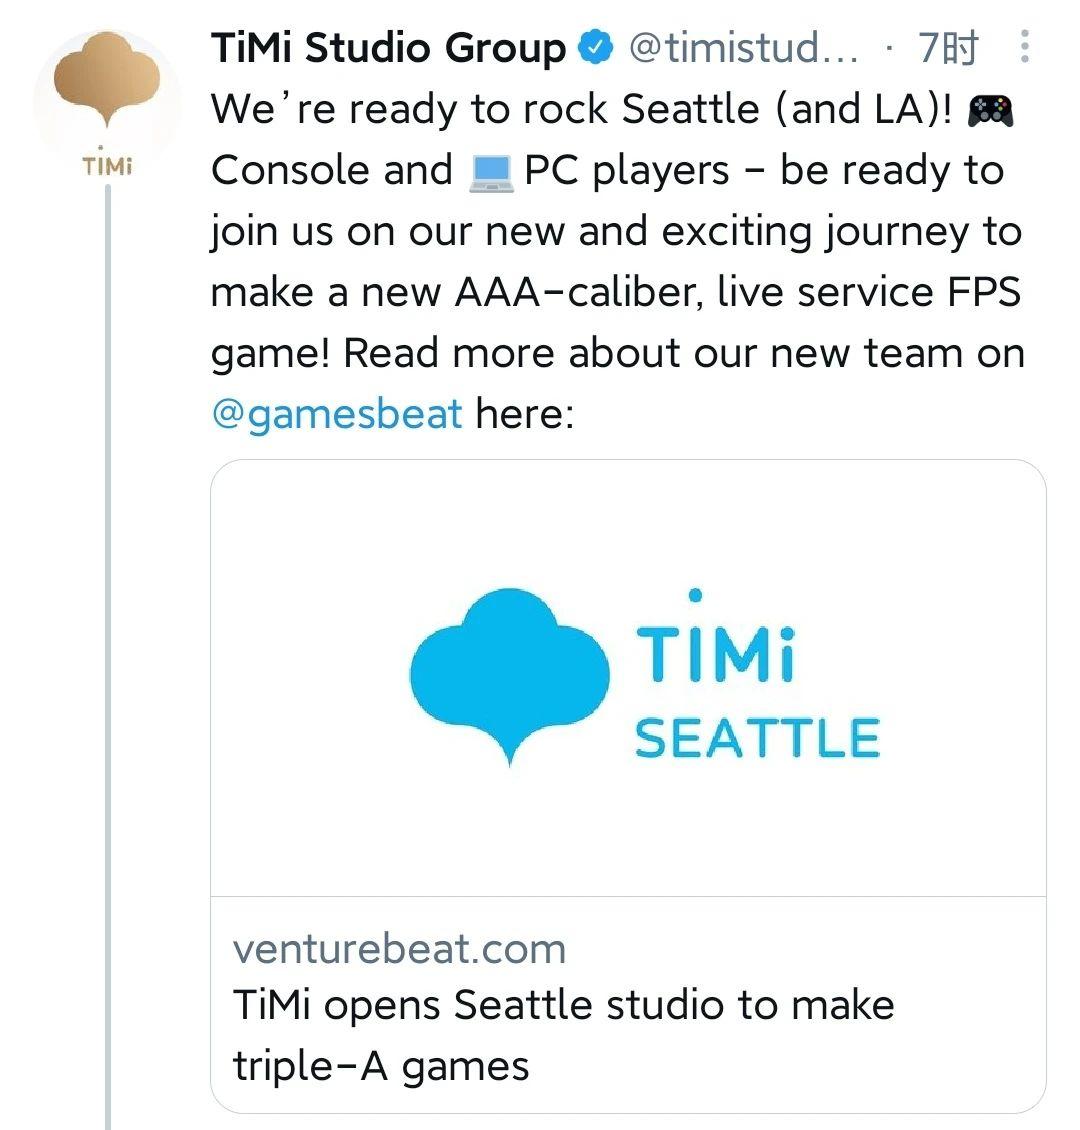 成立西雅图工作室 天美国际化布局又落一子-Gamewower